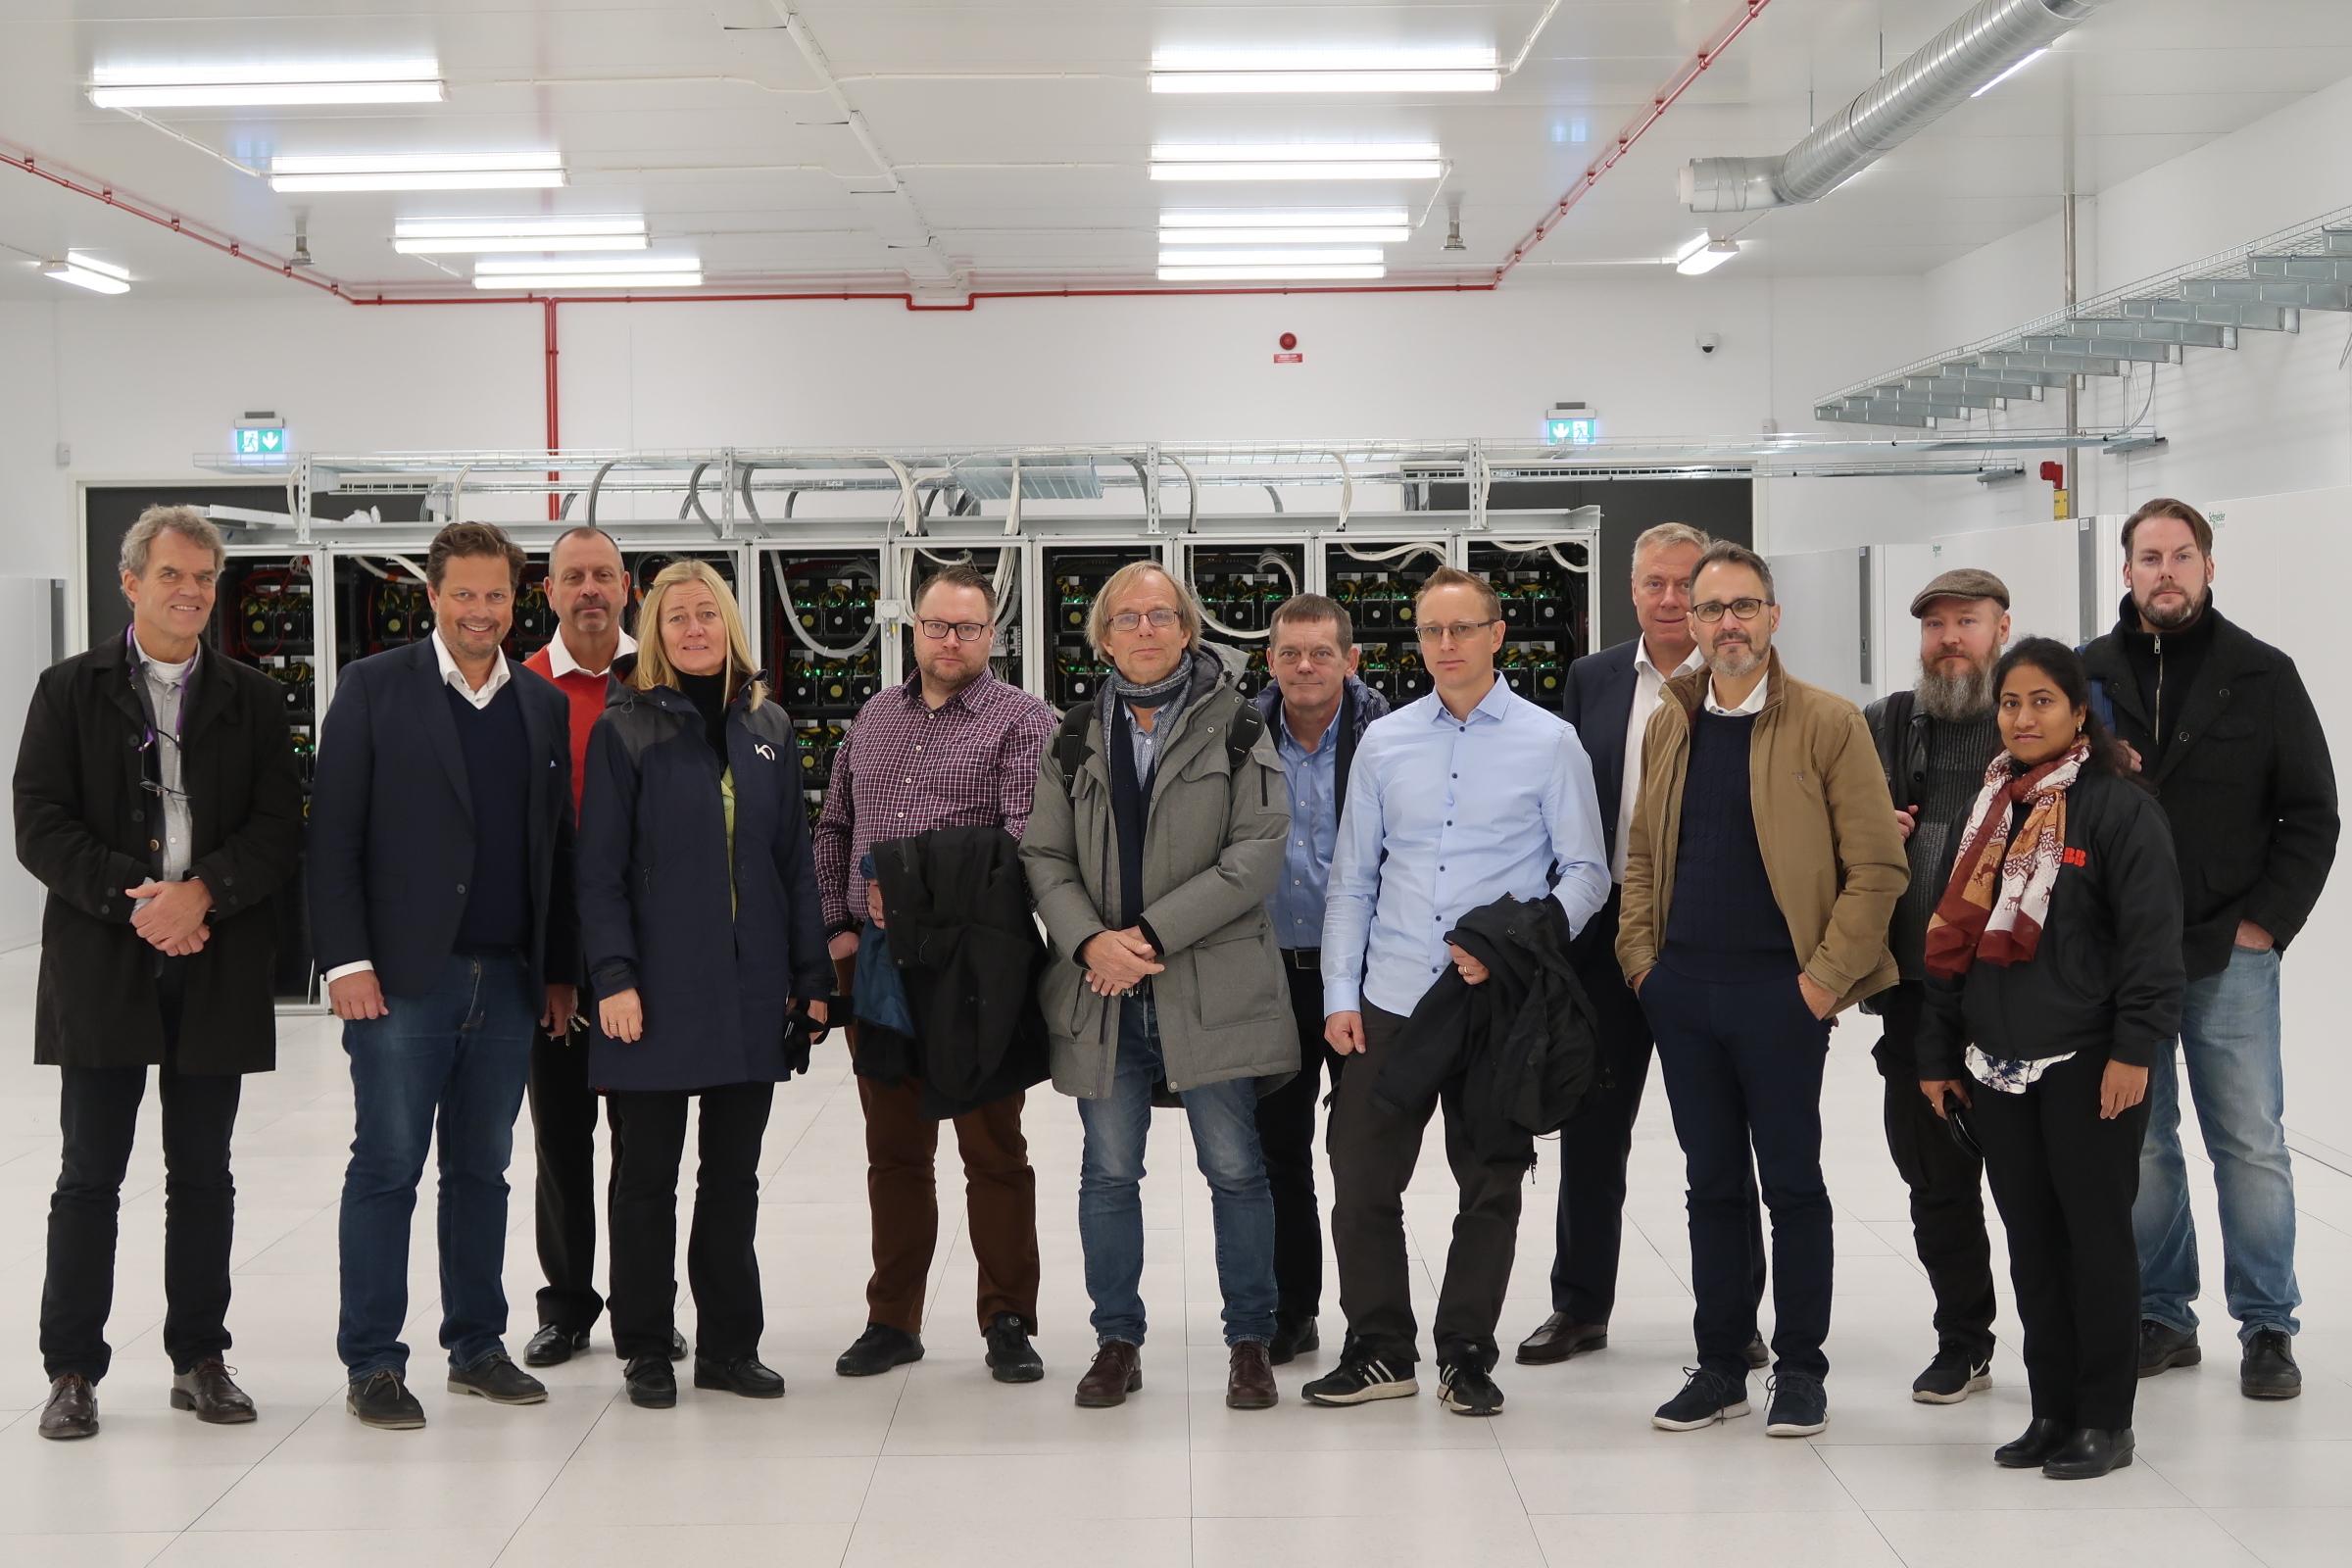 Delar av gruppen på besök på Fortlax, Norrbottens första datacenter som byggdes för 15 år sedan..